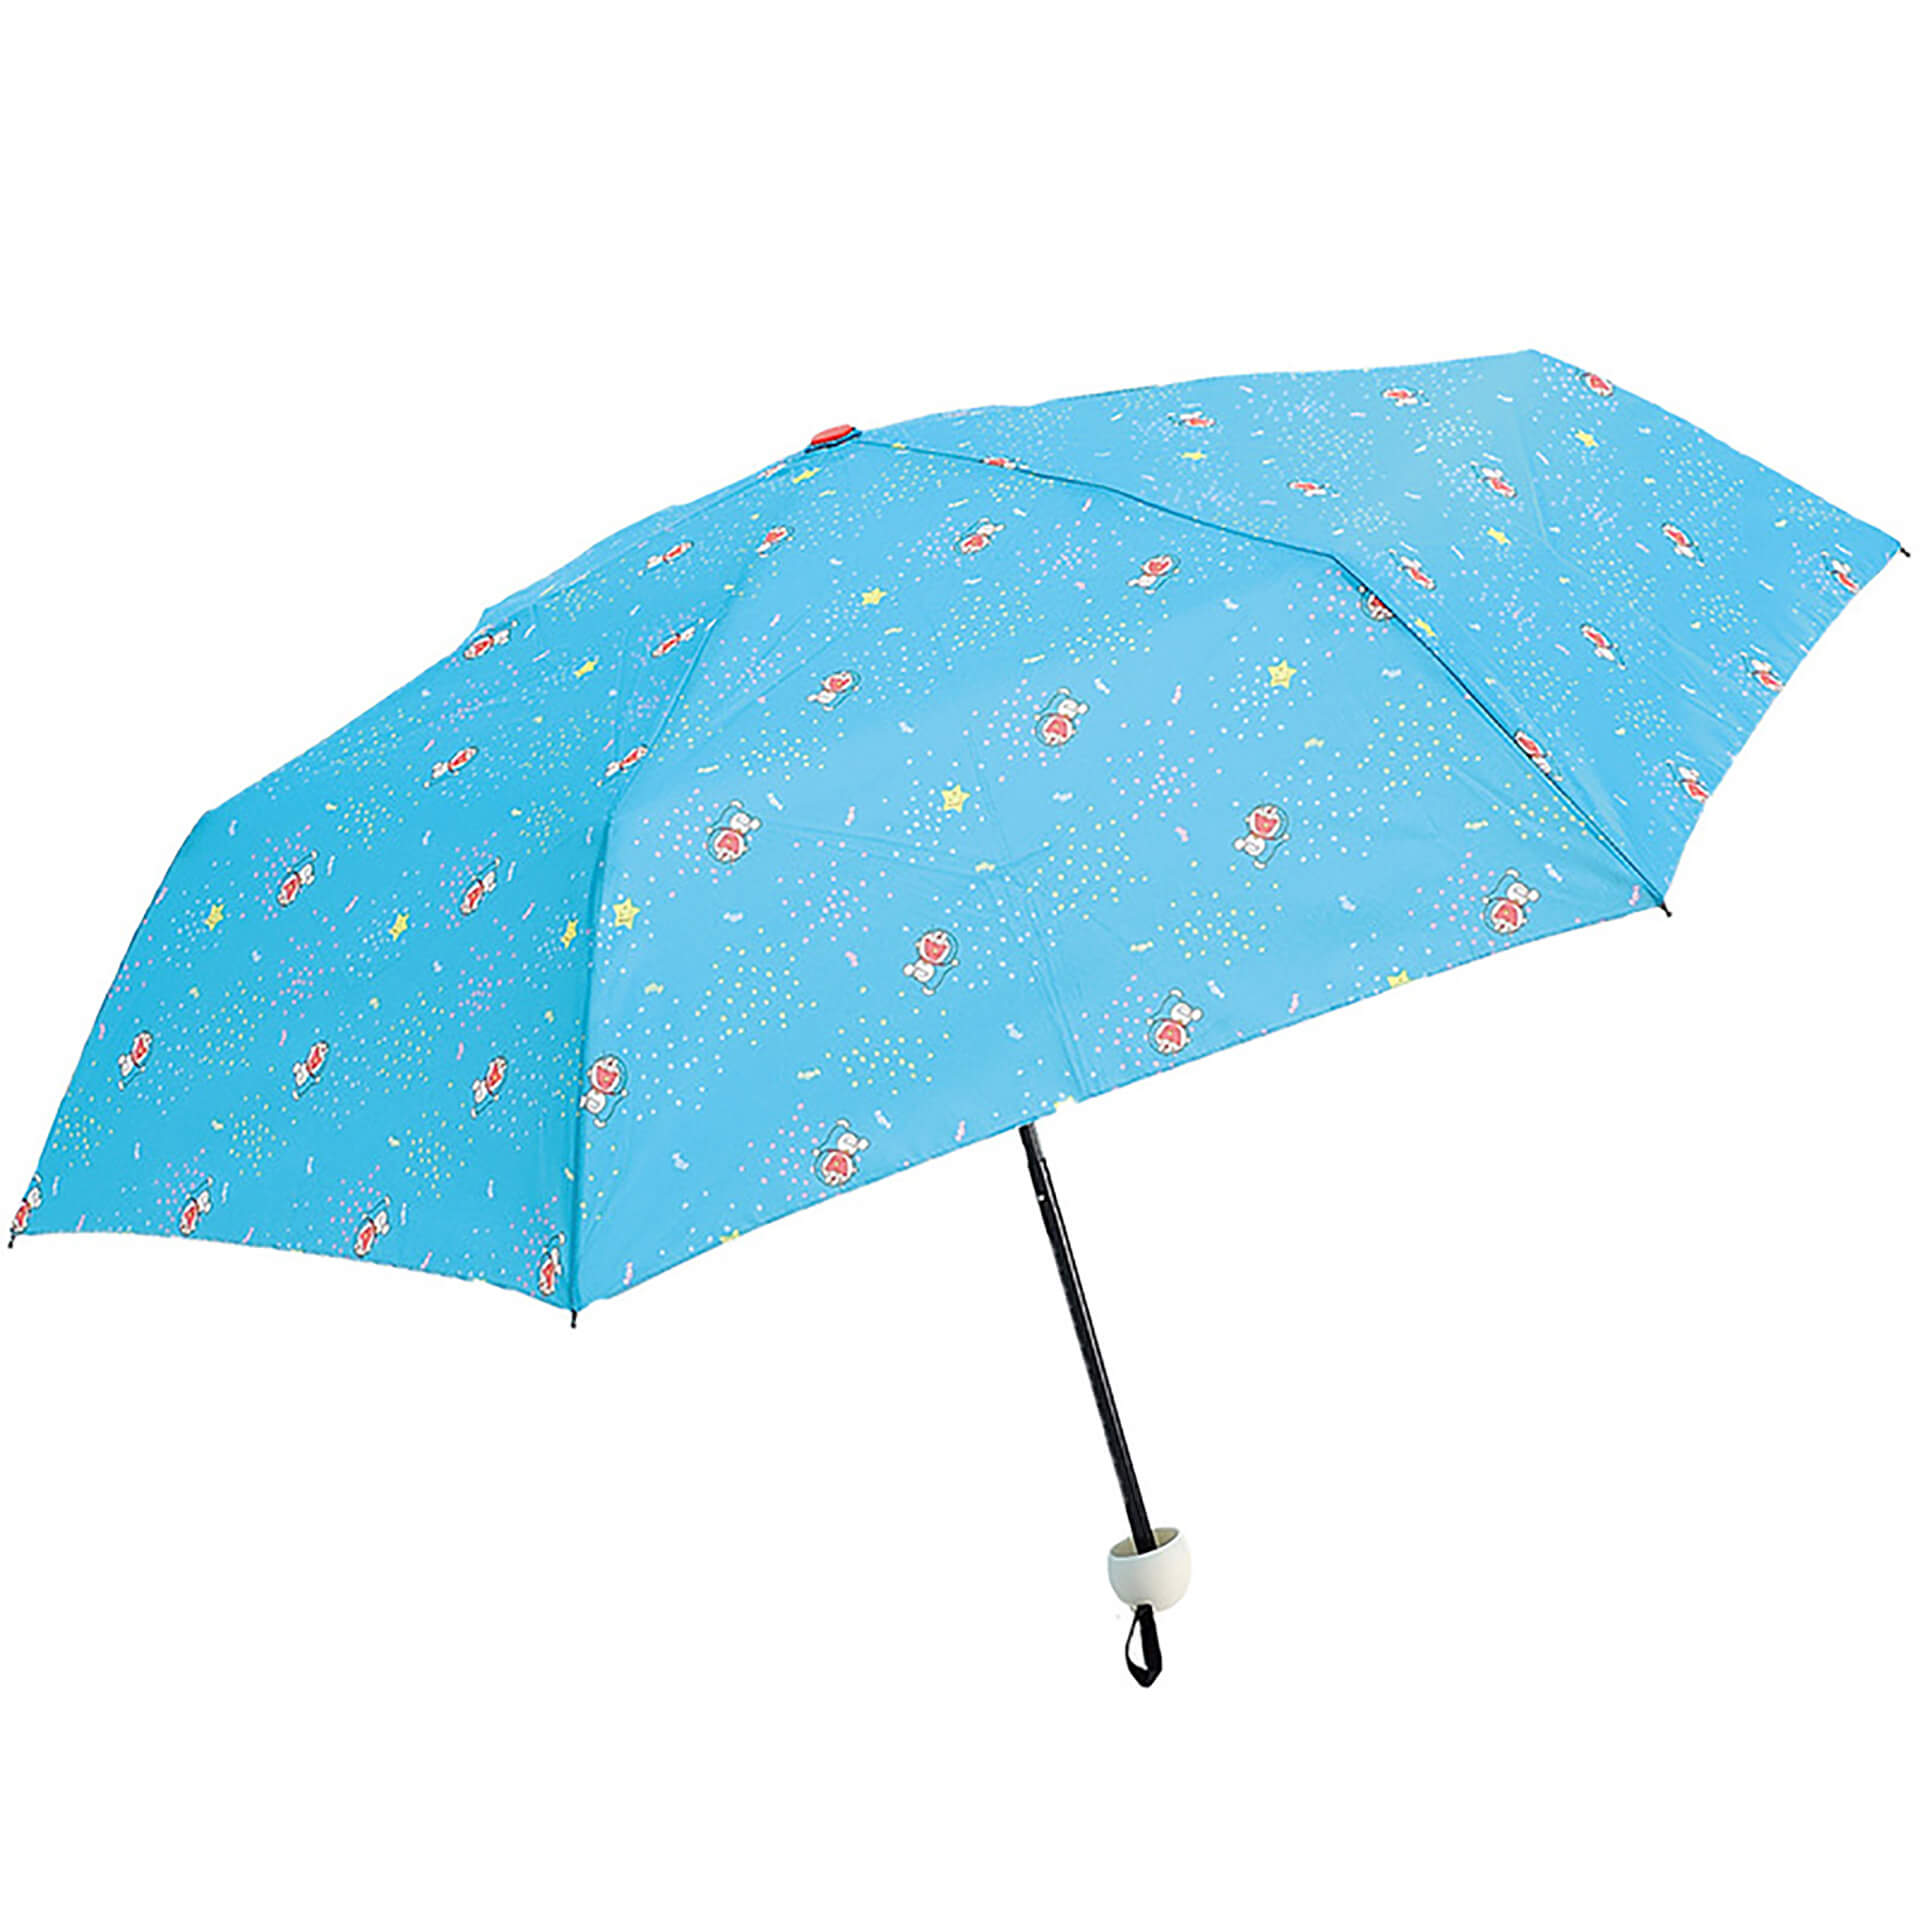 ドラえもん レインアイテムシリーズ 折り畳み傘